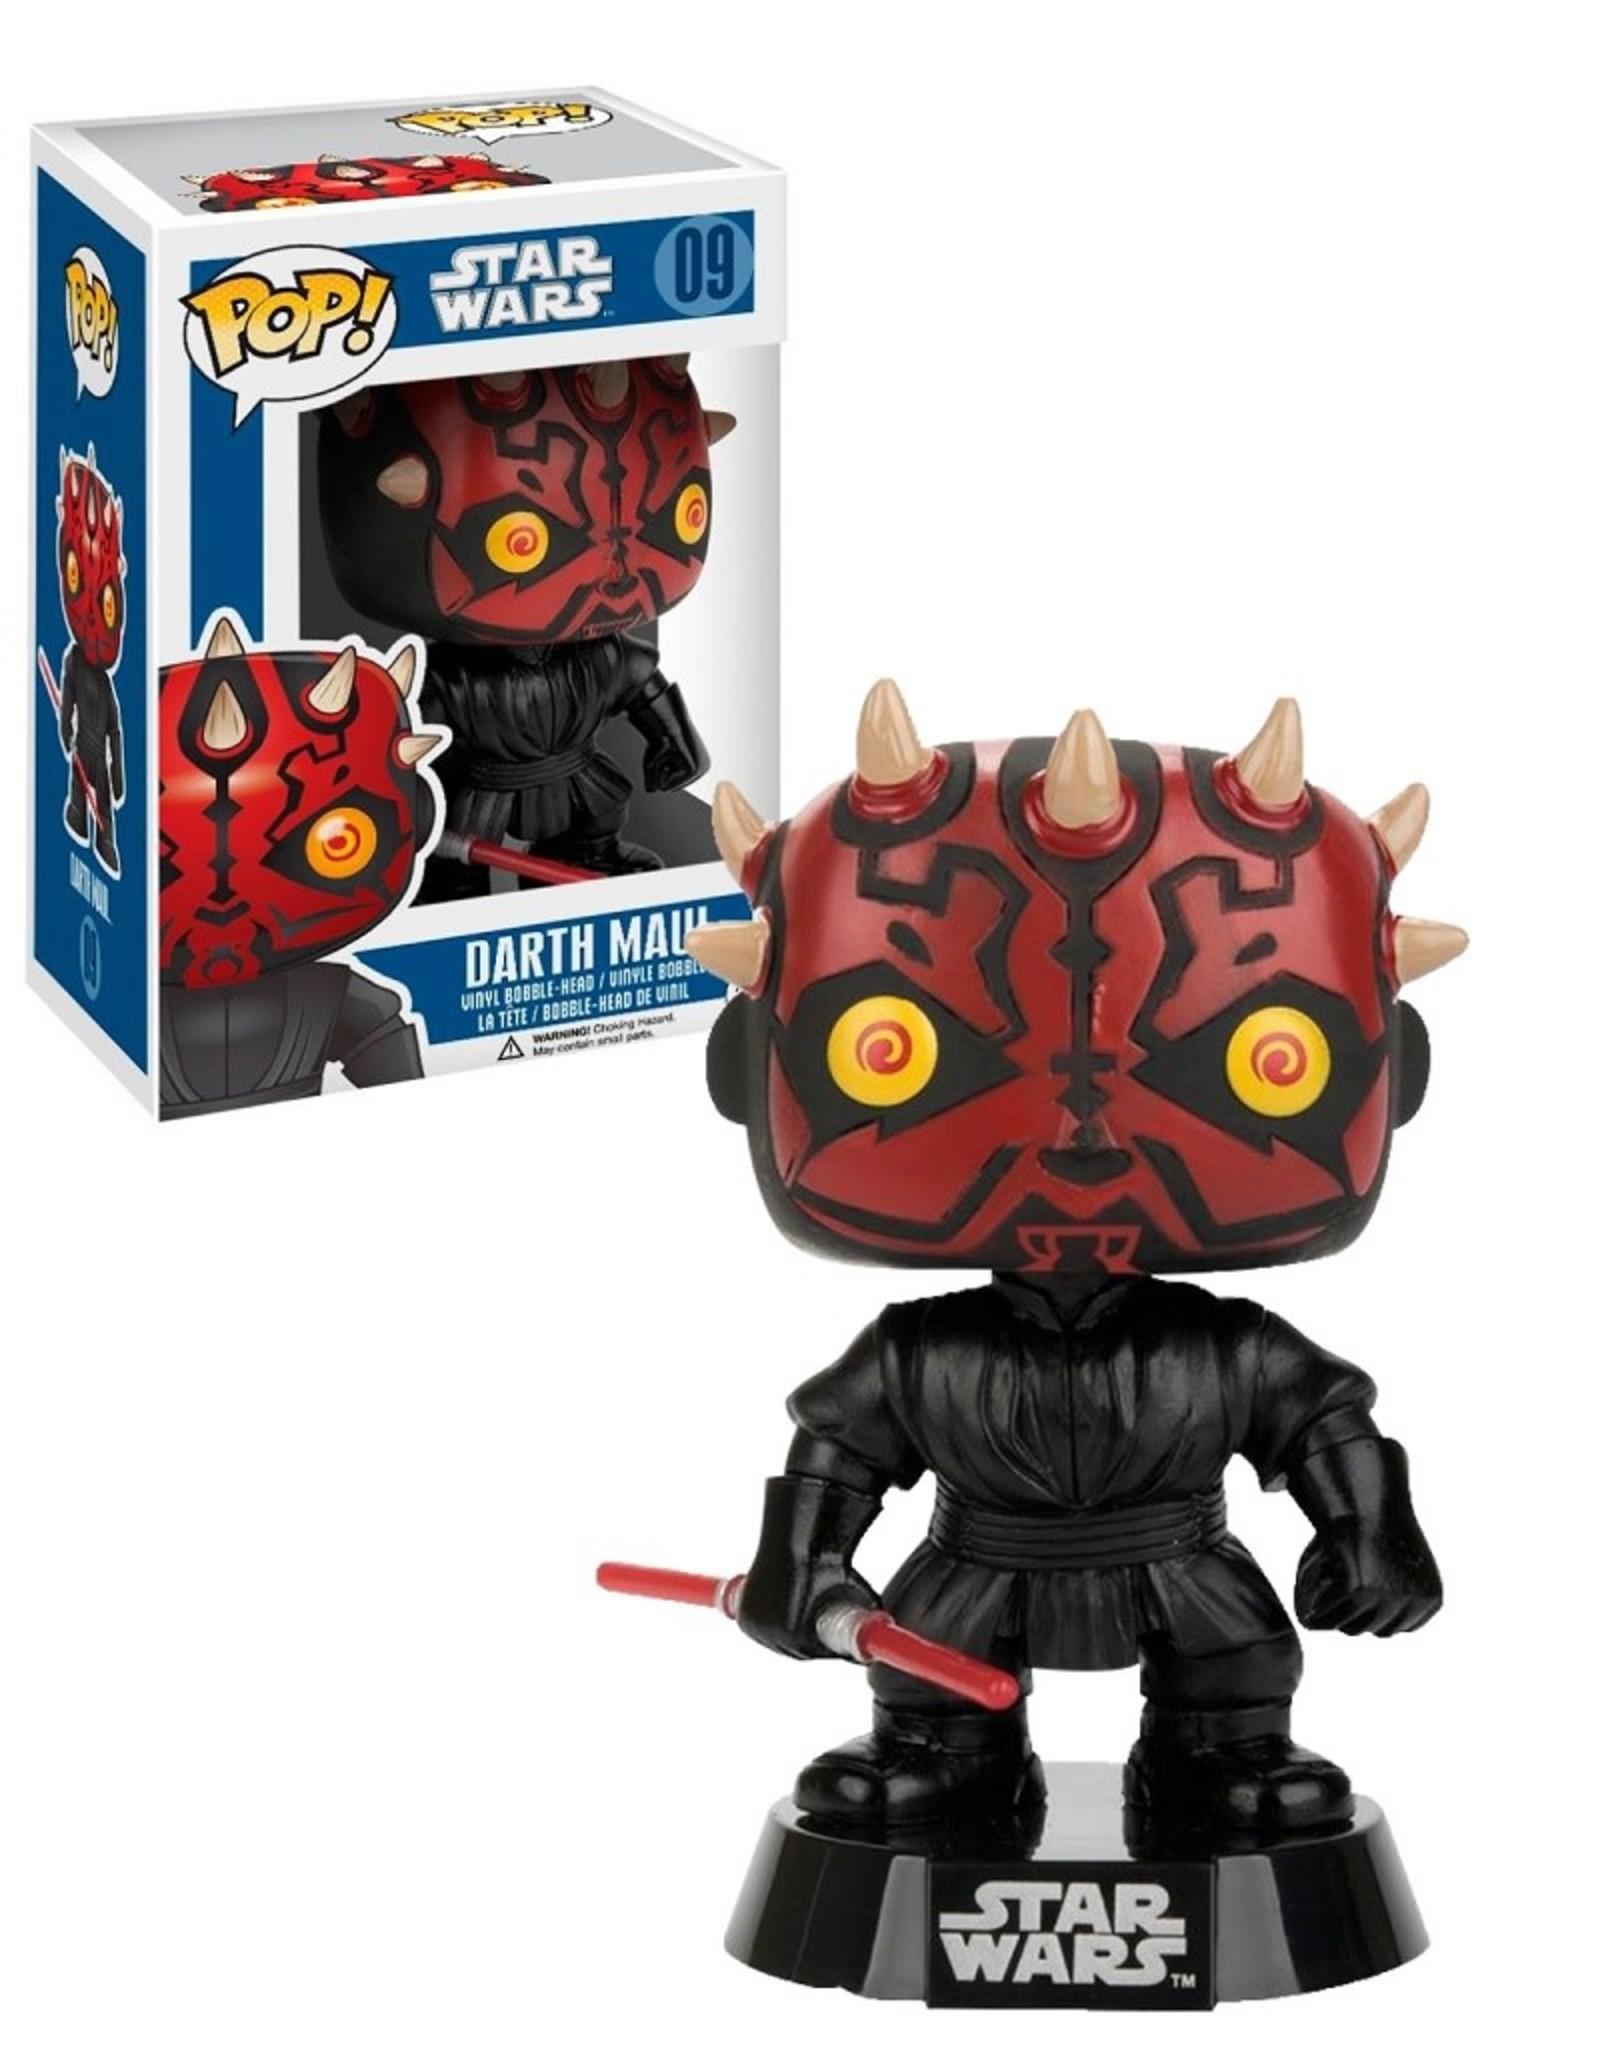 Star Wars Star Wars 09 ( Funko Pop ) Darth Maul